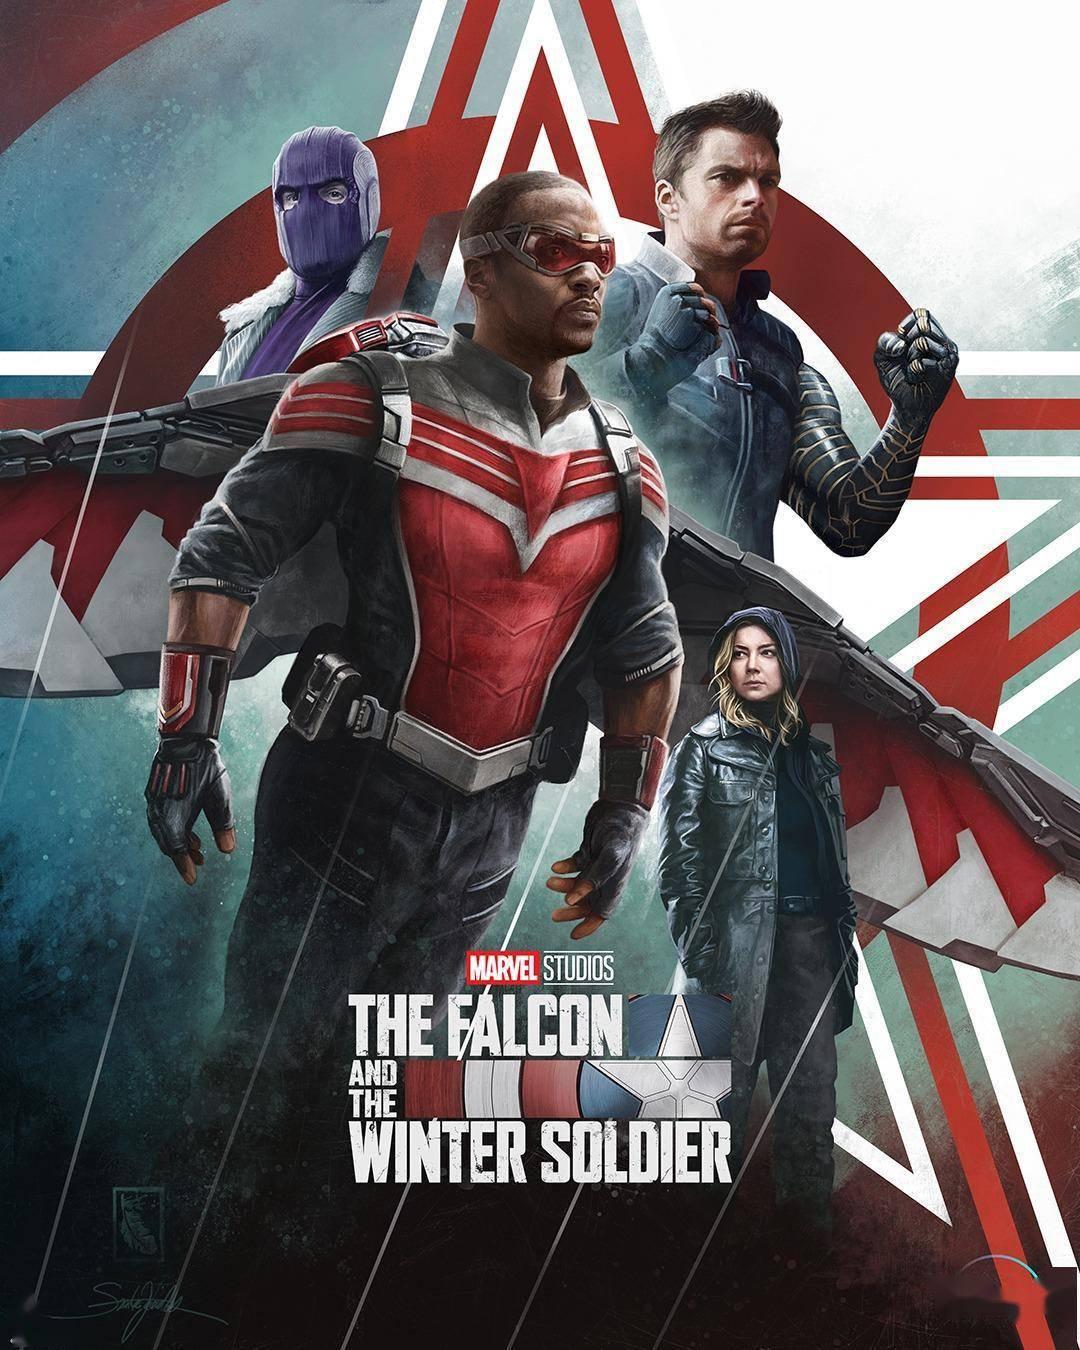 《猎鹰与冬兵》中除了新美队以外,其实还隐藏着另一个美国队长_赛亚